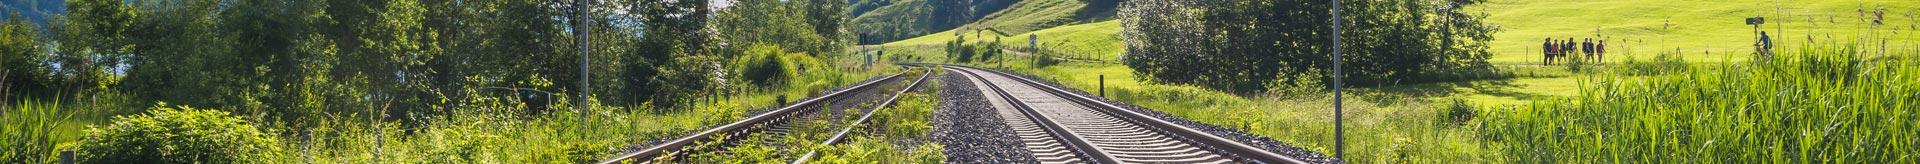 2 Gleise in grüner Landschaft